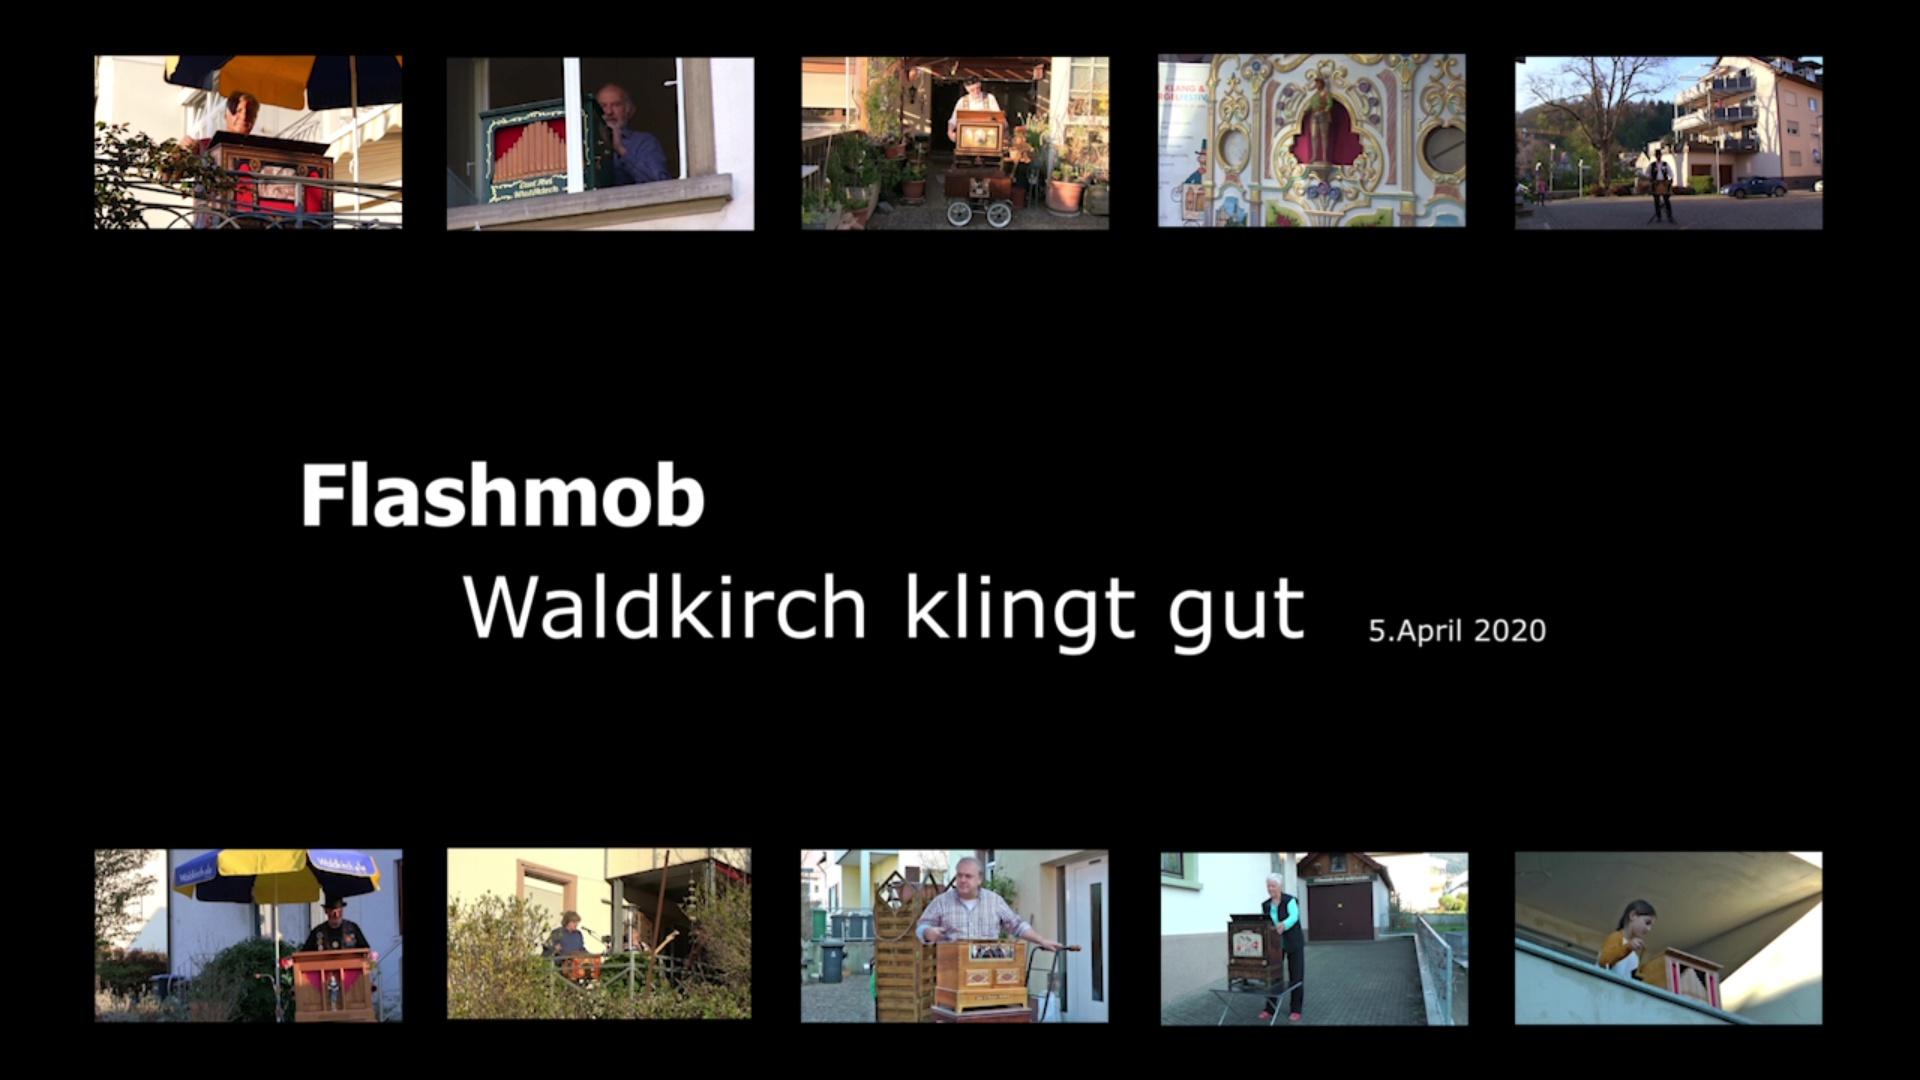 Waldkirch klingt gut